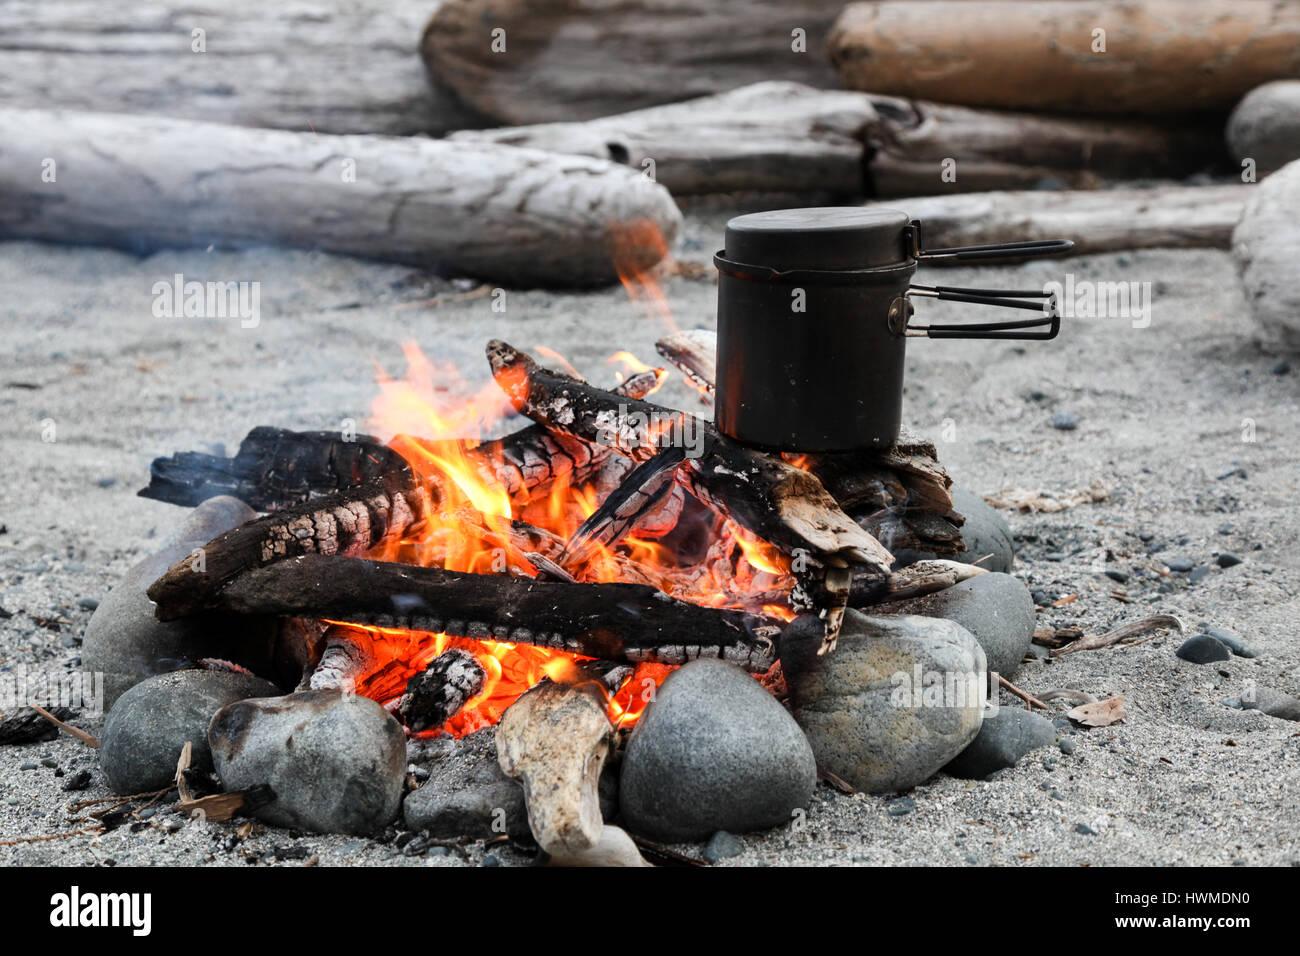 Backcounty Cooking, Nootka Island, BC - Stock Image